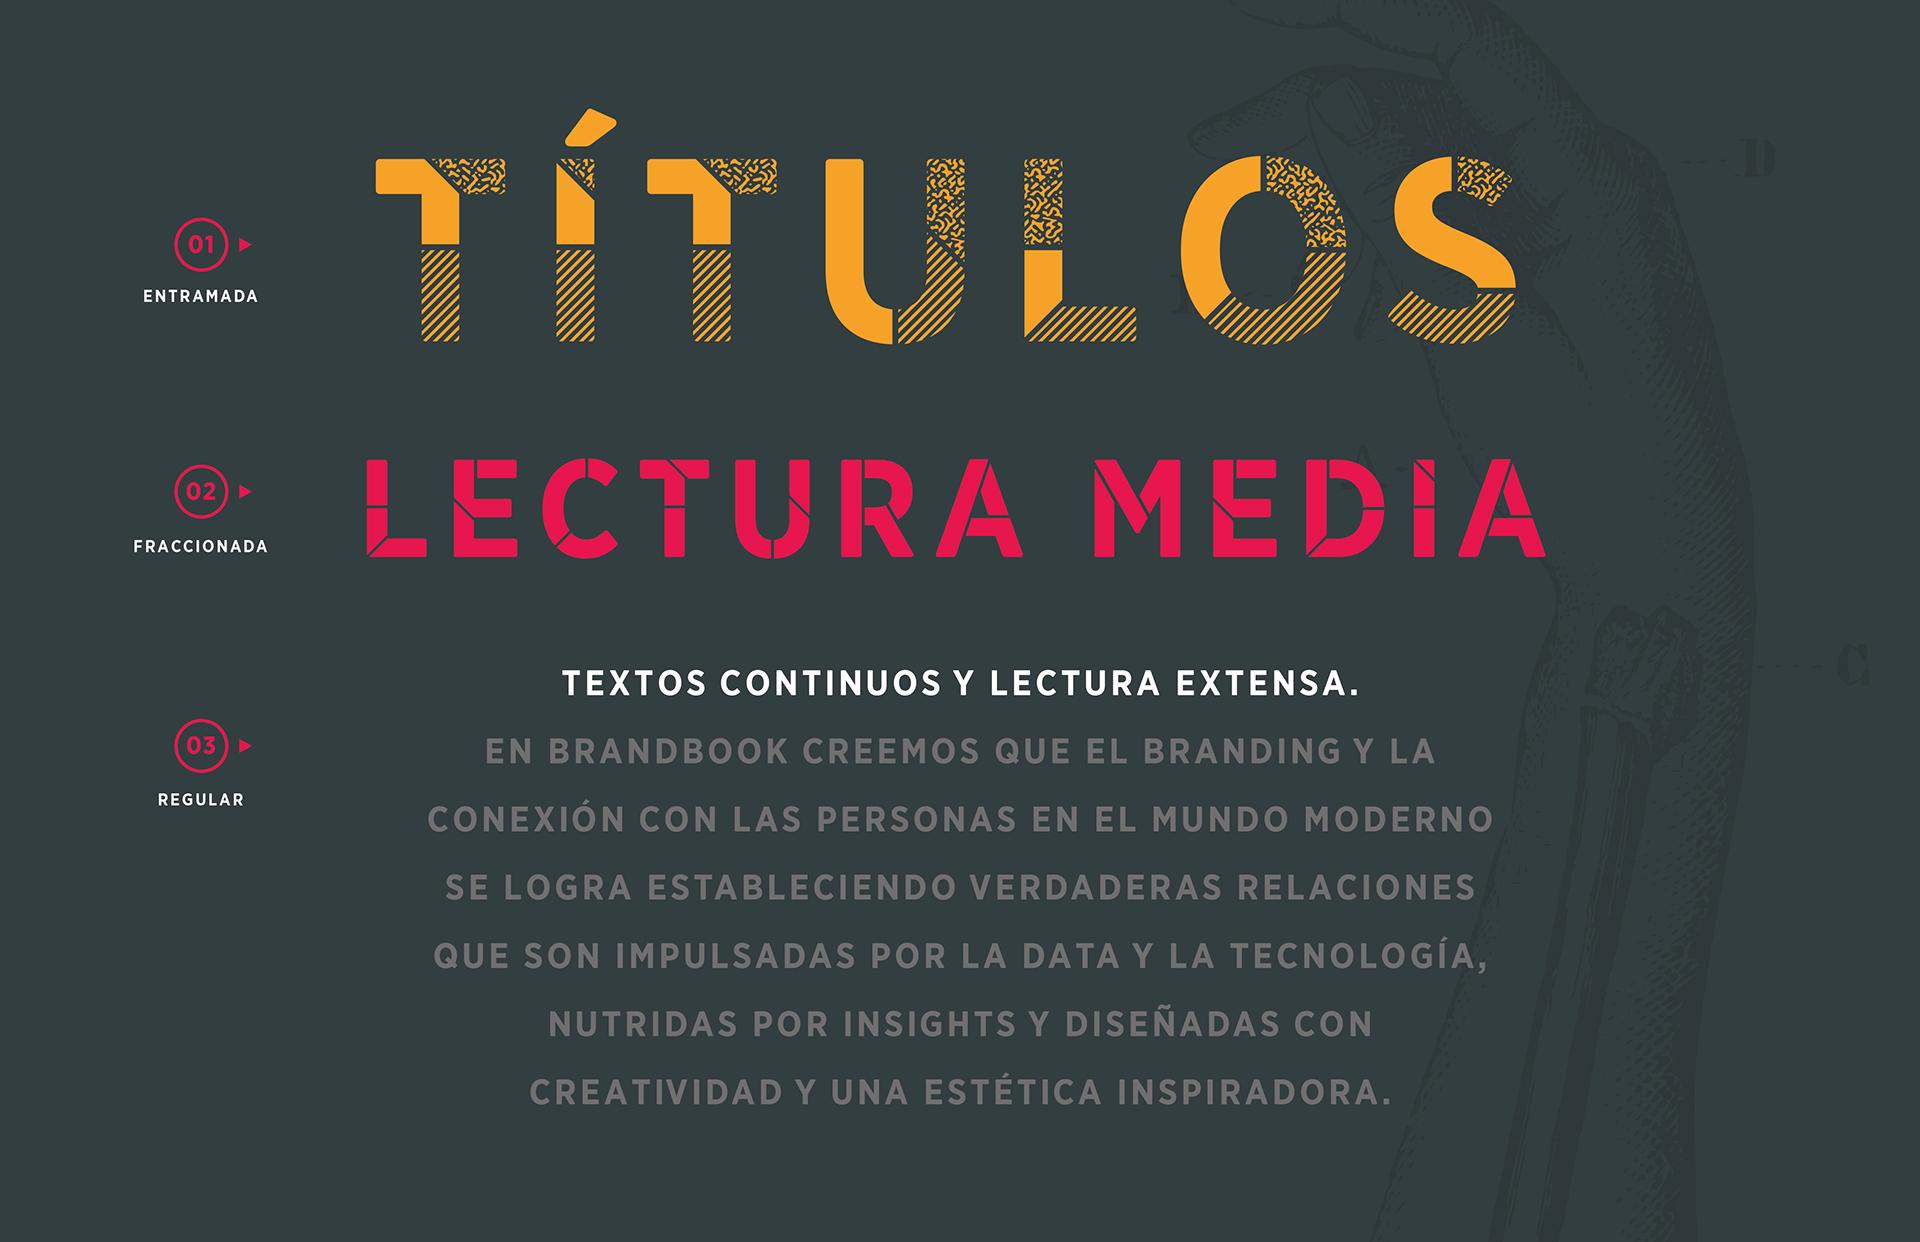 INTEGRADA font example image 2